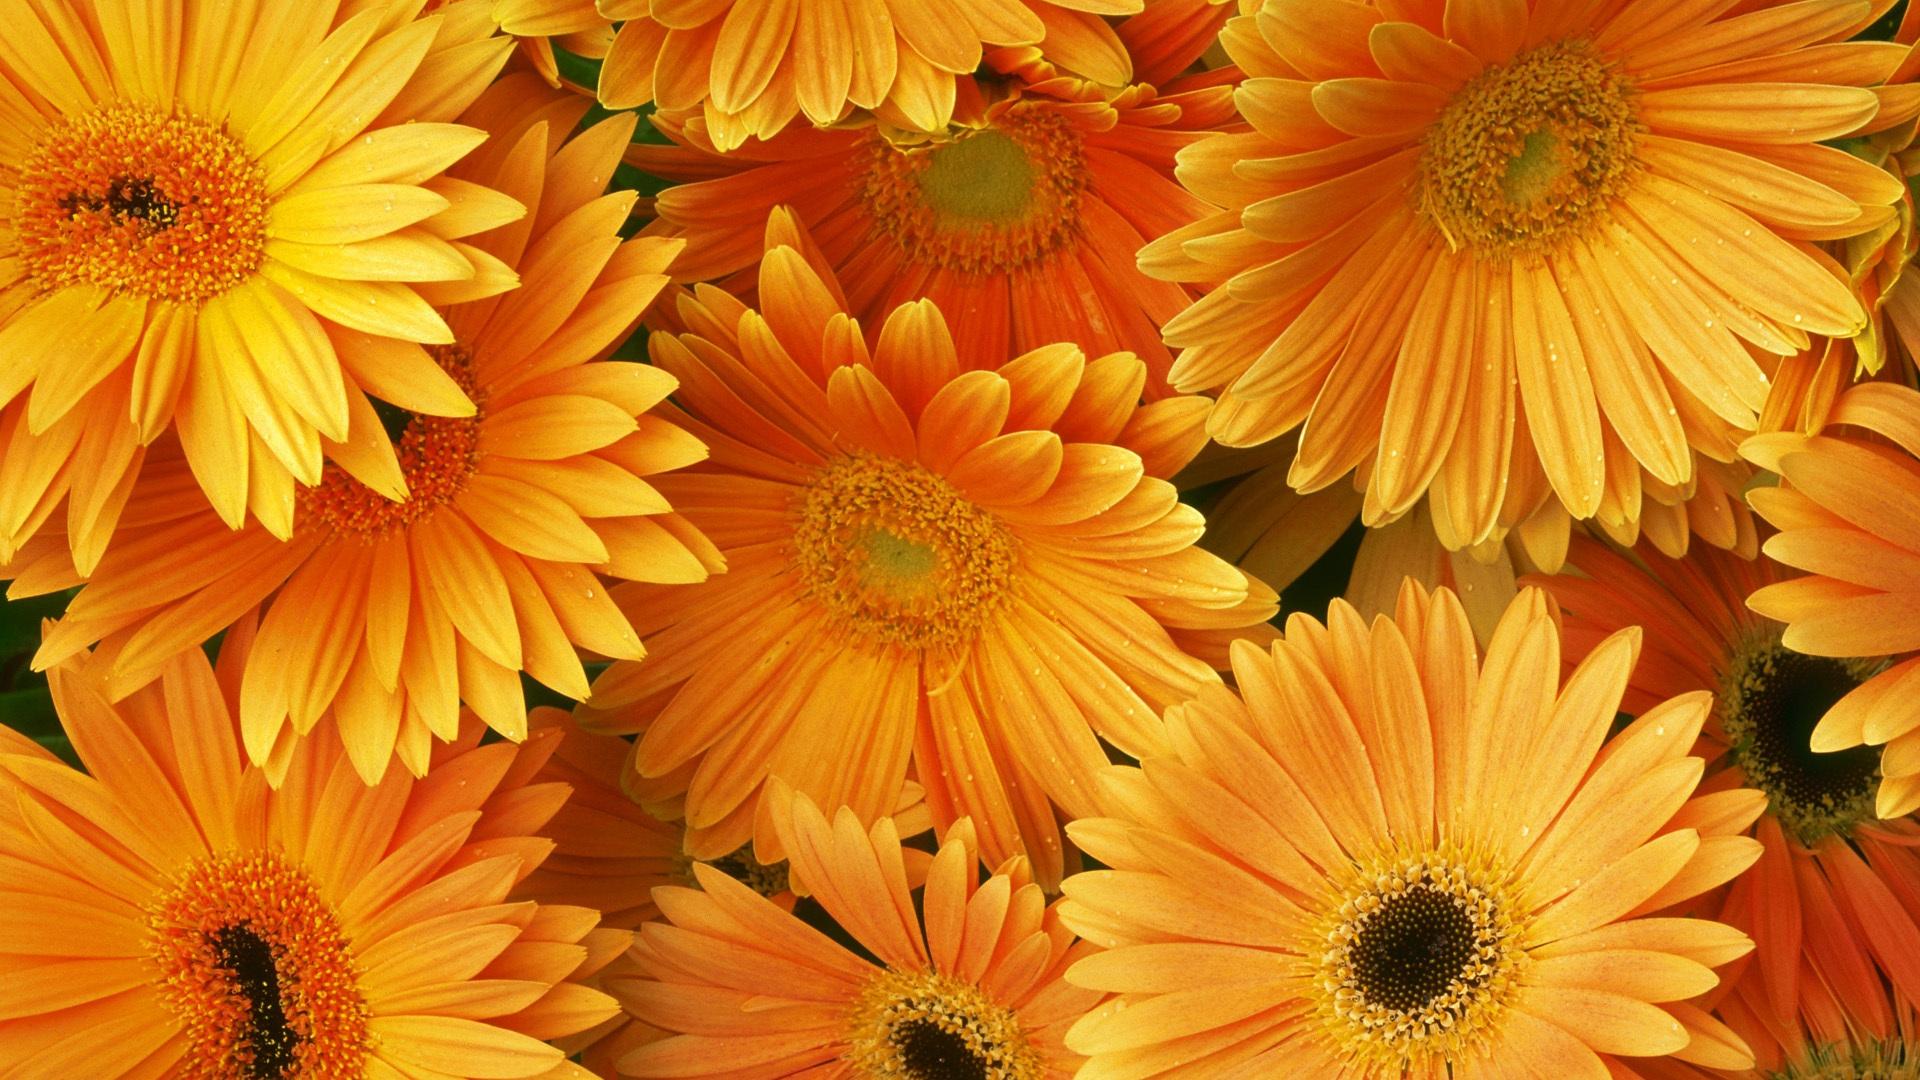 Цветочки картинки для рабочего стола